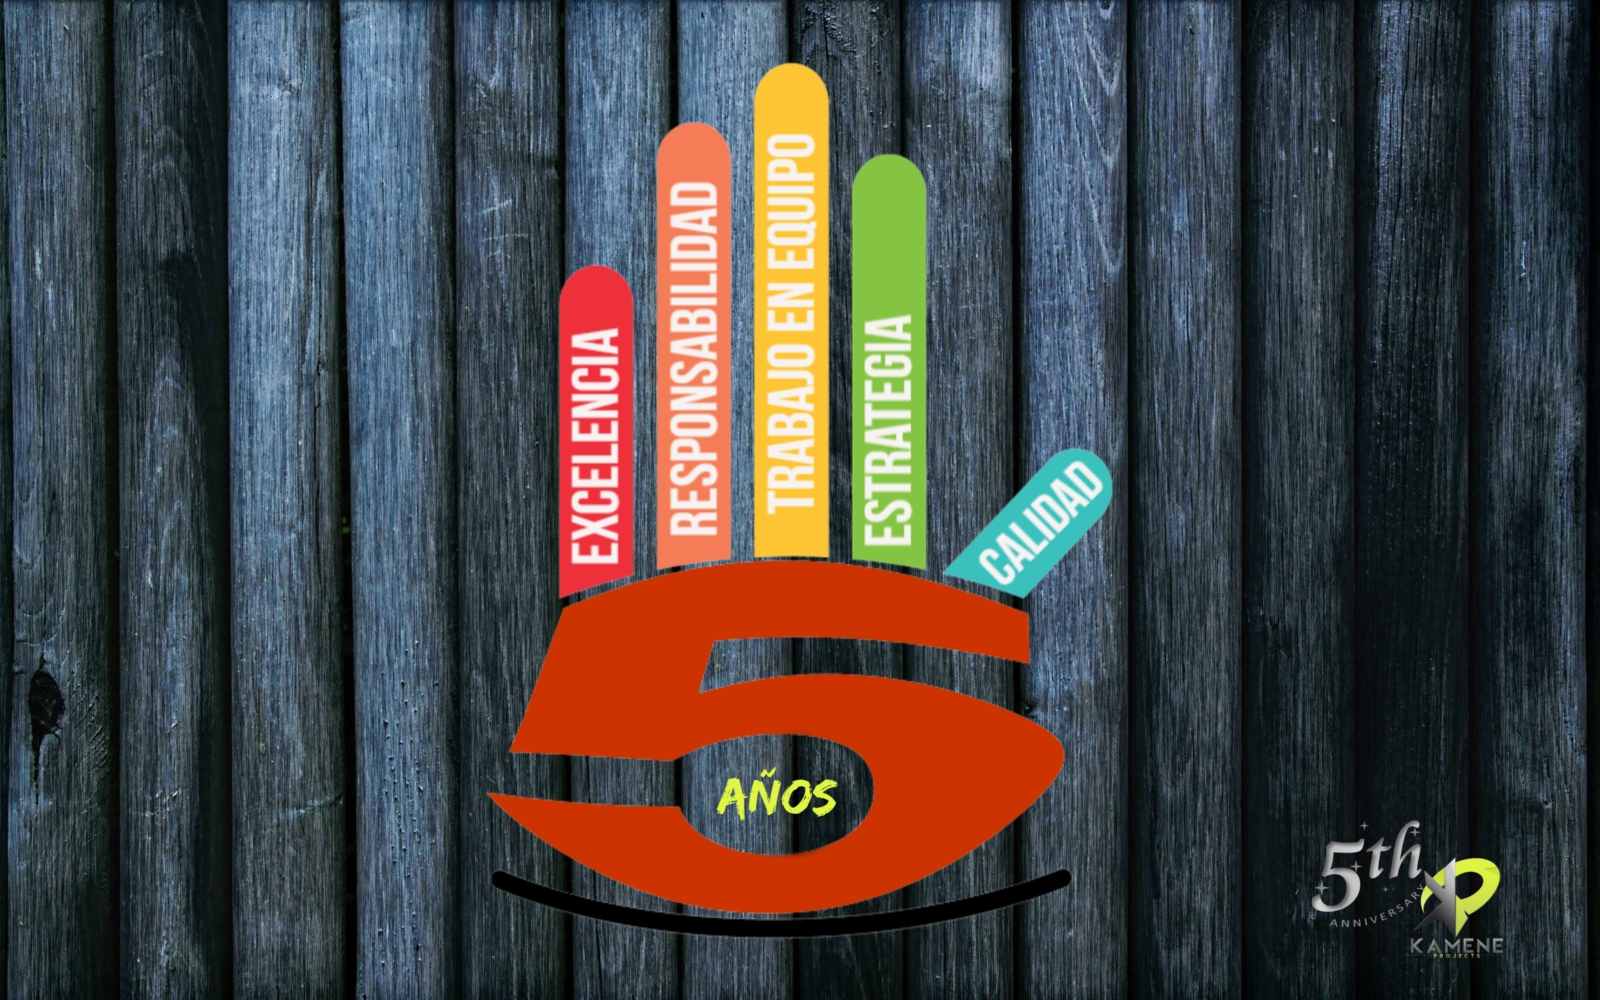 aniversario nº5 consultoría agencia marketing digital alicante kamene projects manita